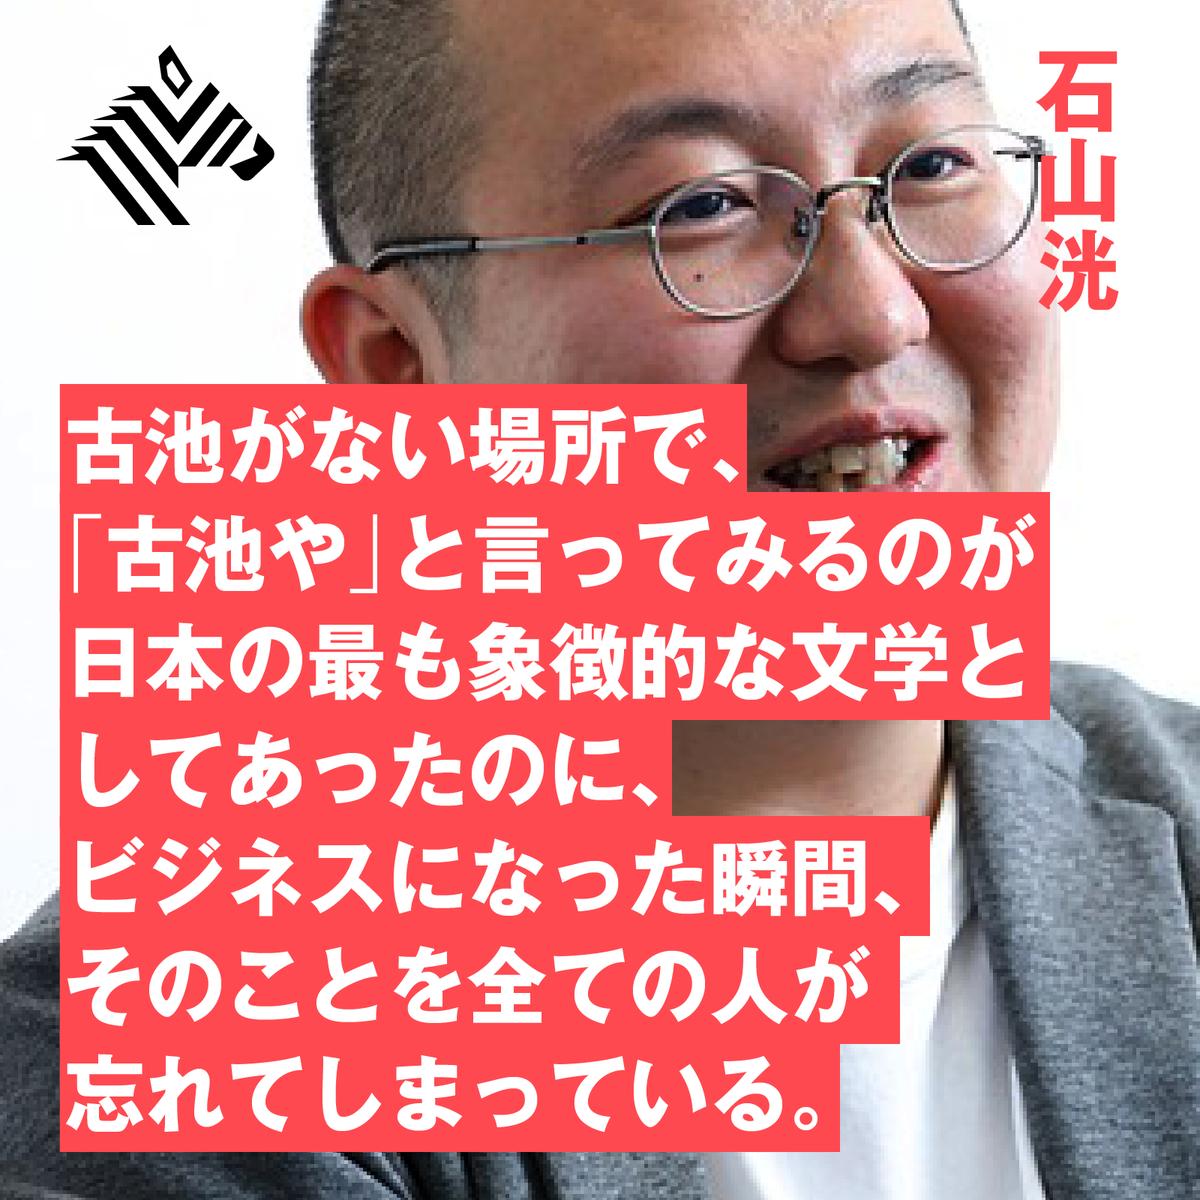 ビジネスパーソンが、松尾芭蕉から学ぶこととは?エクサウィザーズ社長・石山洸さんインタビュー(今年7月)より、抜粋を画像でお届け📮全文を読む 👉